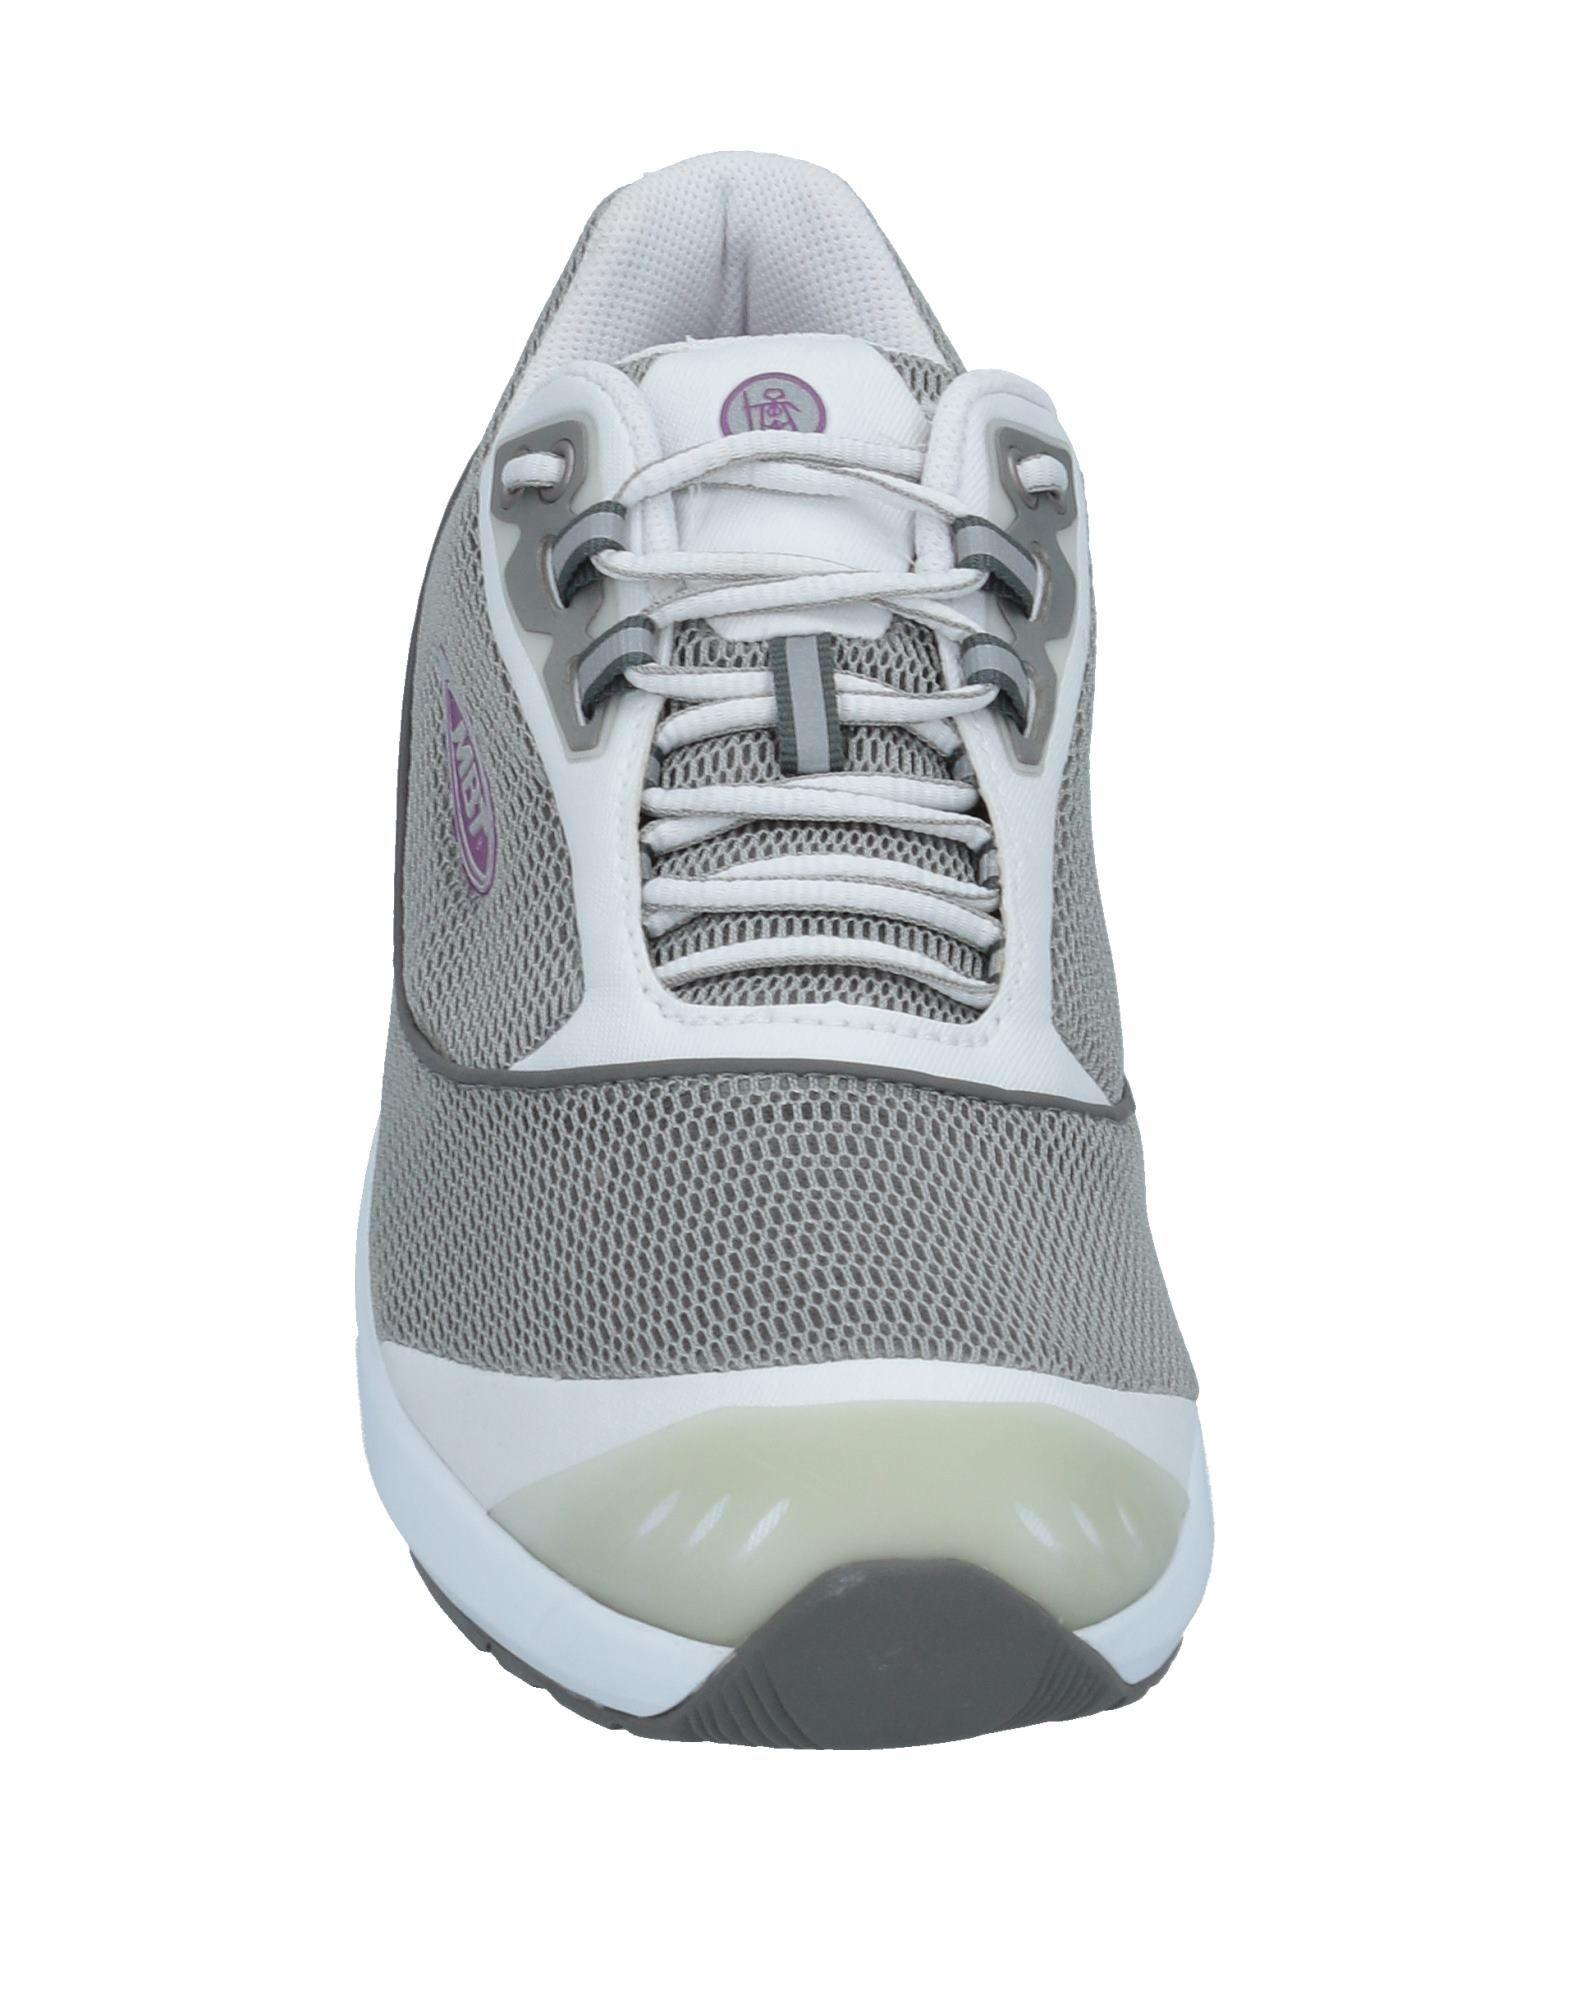 Heiße Mbt Sneakers Damen  11279030PJ Heiße  Schuhe 19a8df